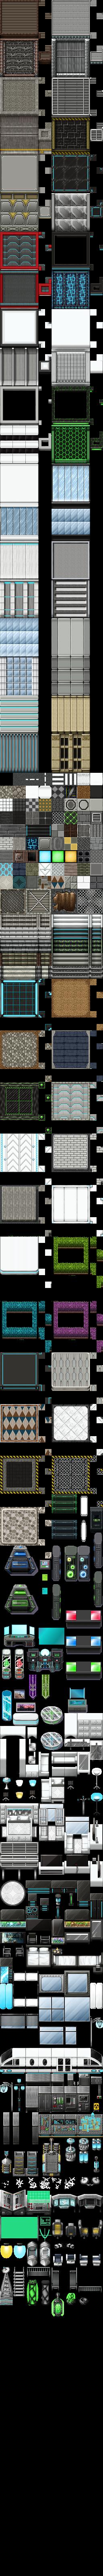 [RM XP] Matcher! Tileset Matcher_Tileset